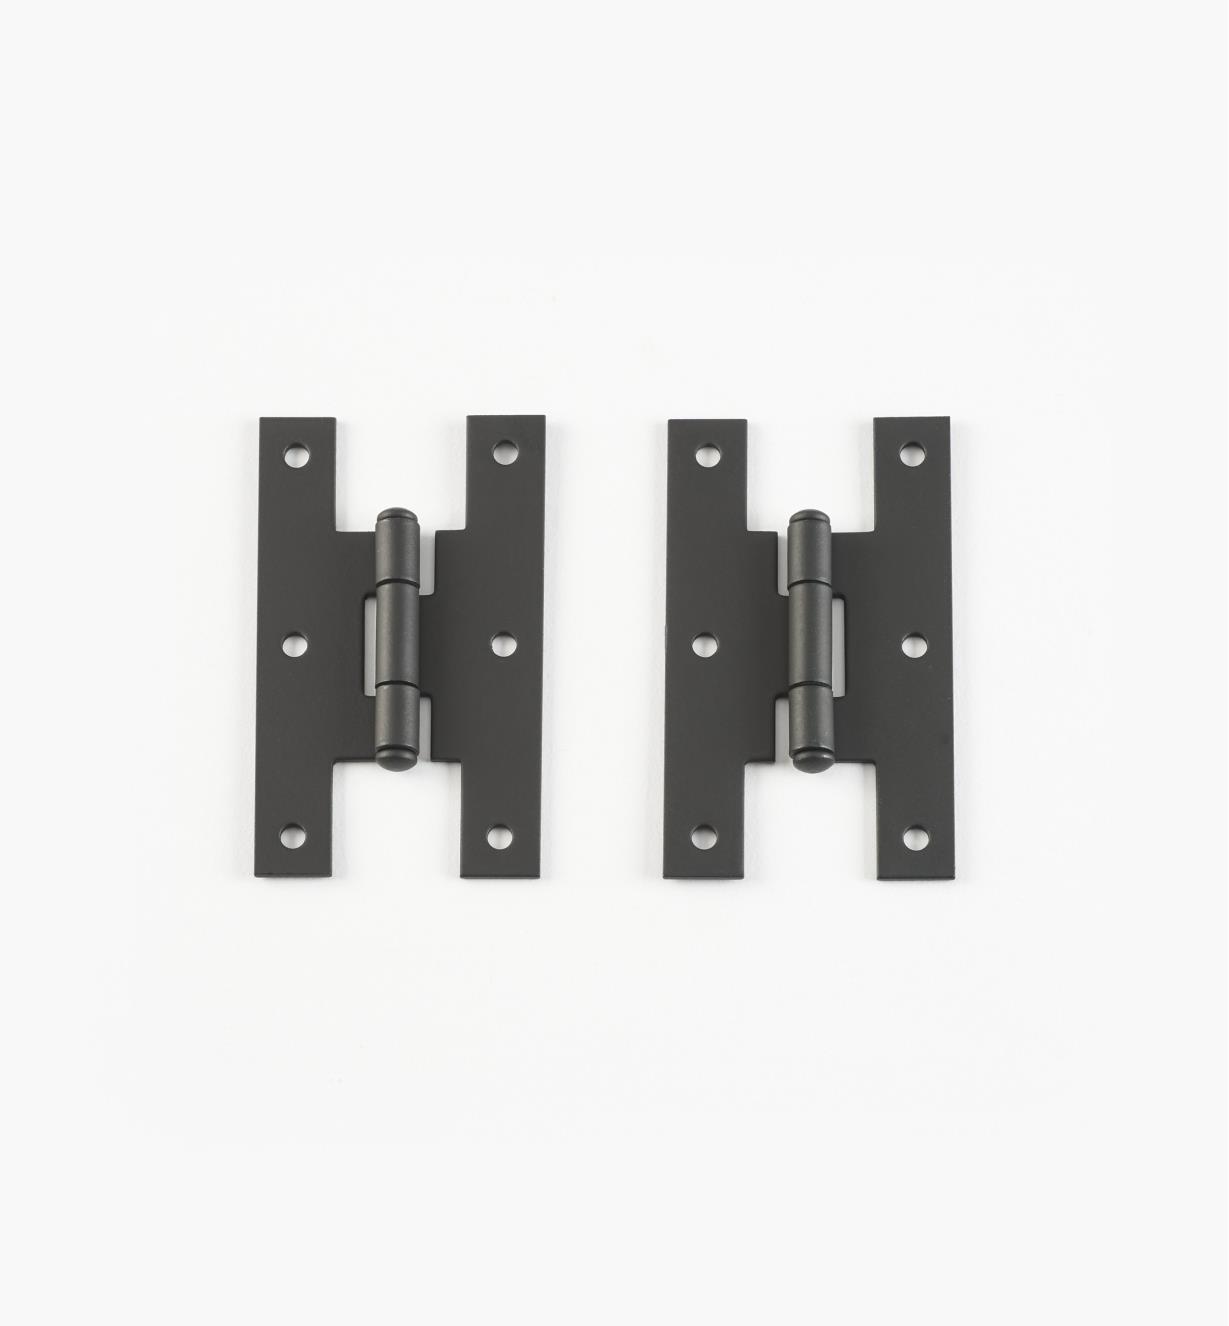 01X3510 - Pentures de milieu à plat, fini lisse, 3 po x 1 13/16 po, la paire